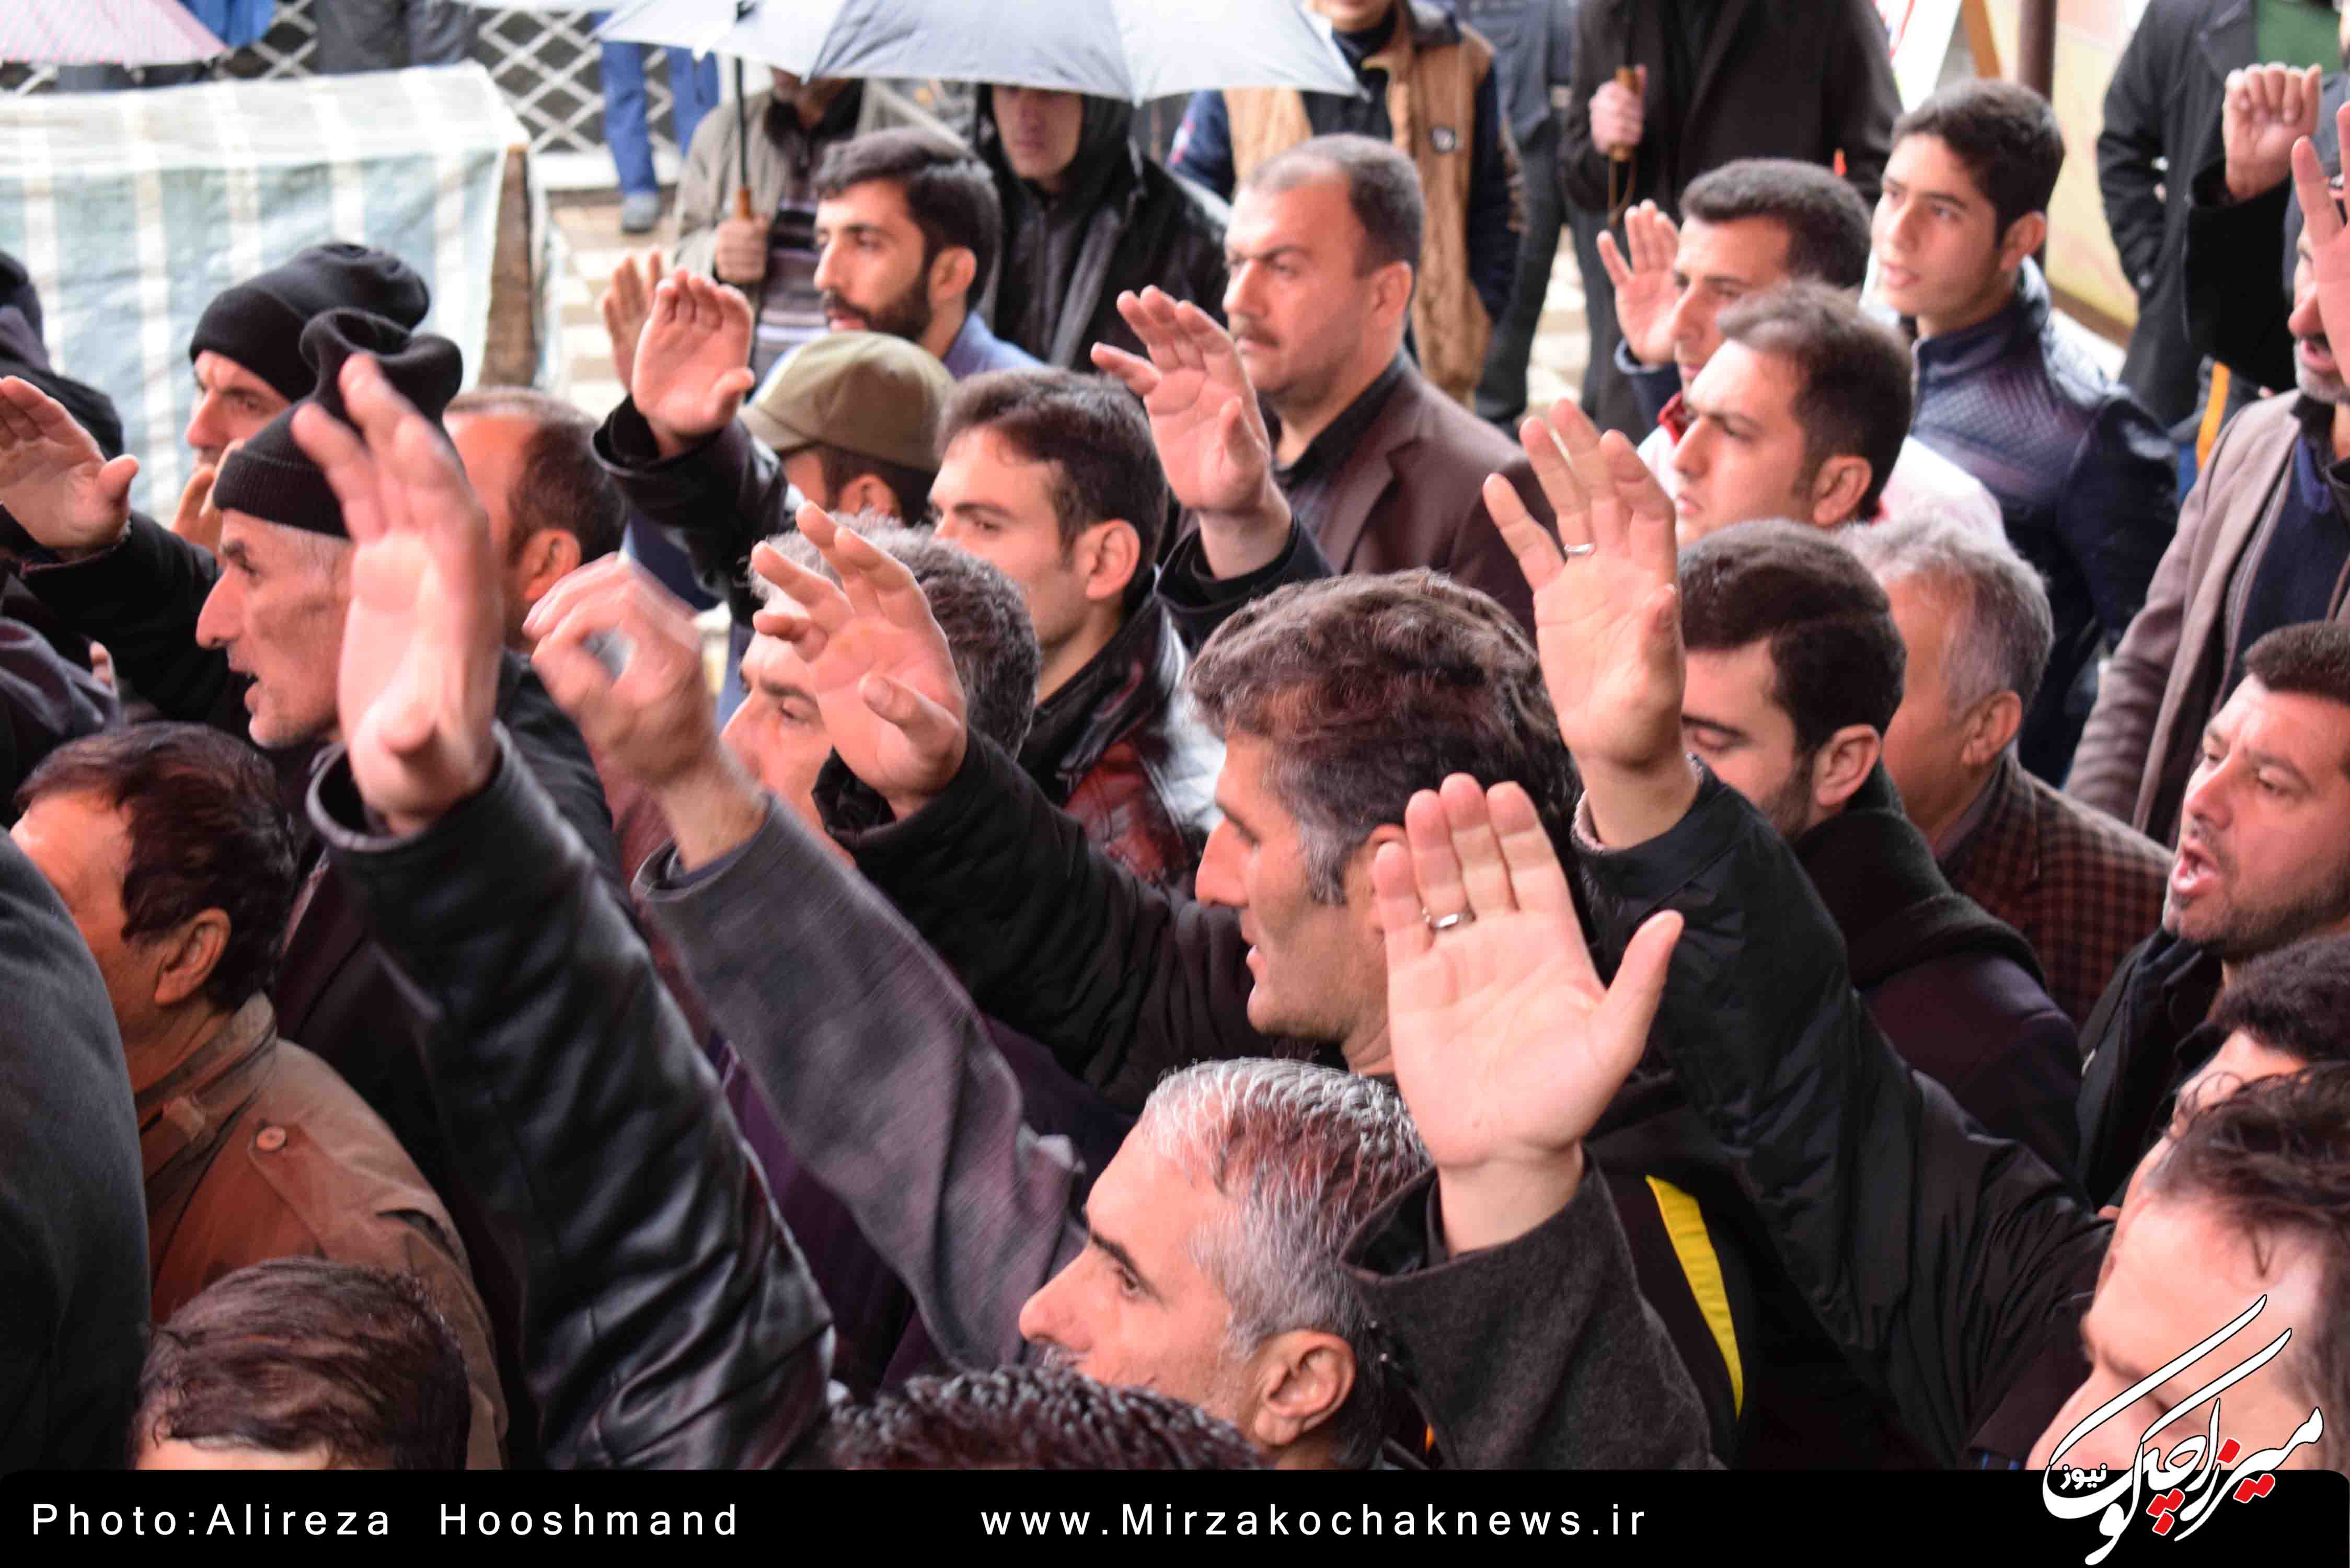 گزارش تصویری تجمع اربعین حسینی(ع) در گوراب زرمیخ